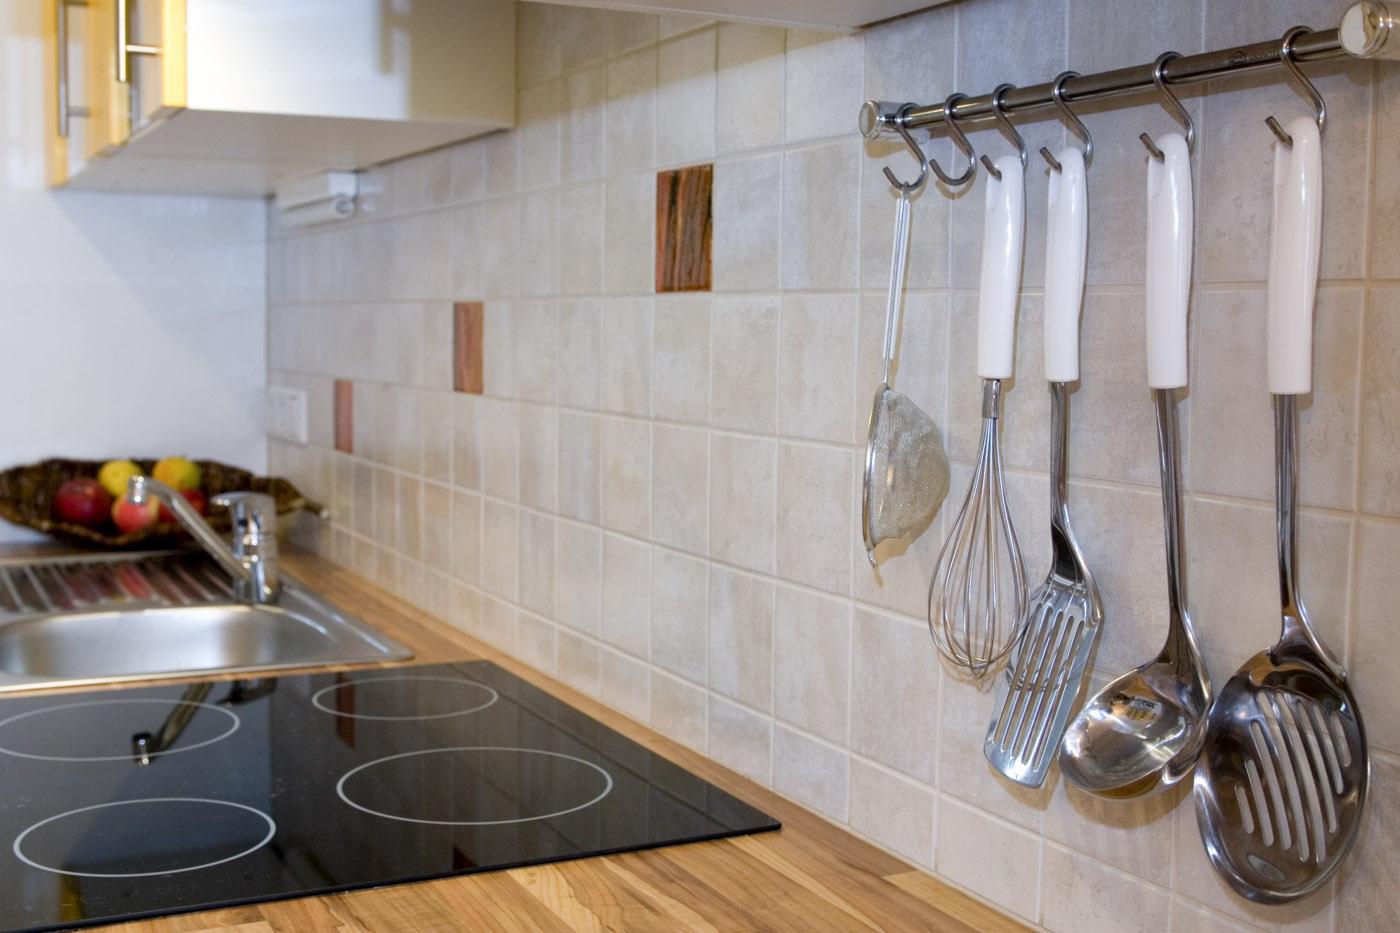 Wunderbar Urlaub Küchen Galerie - Küche Set Ideen - deriherusweets.info